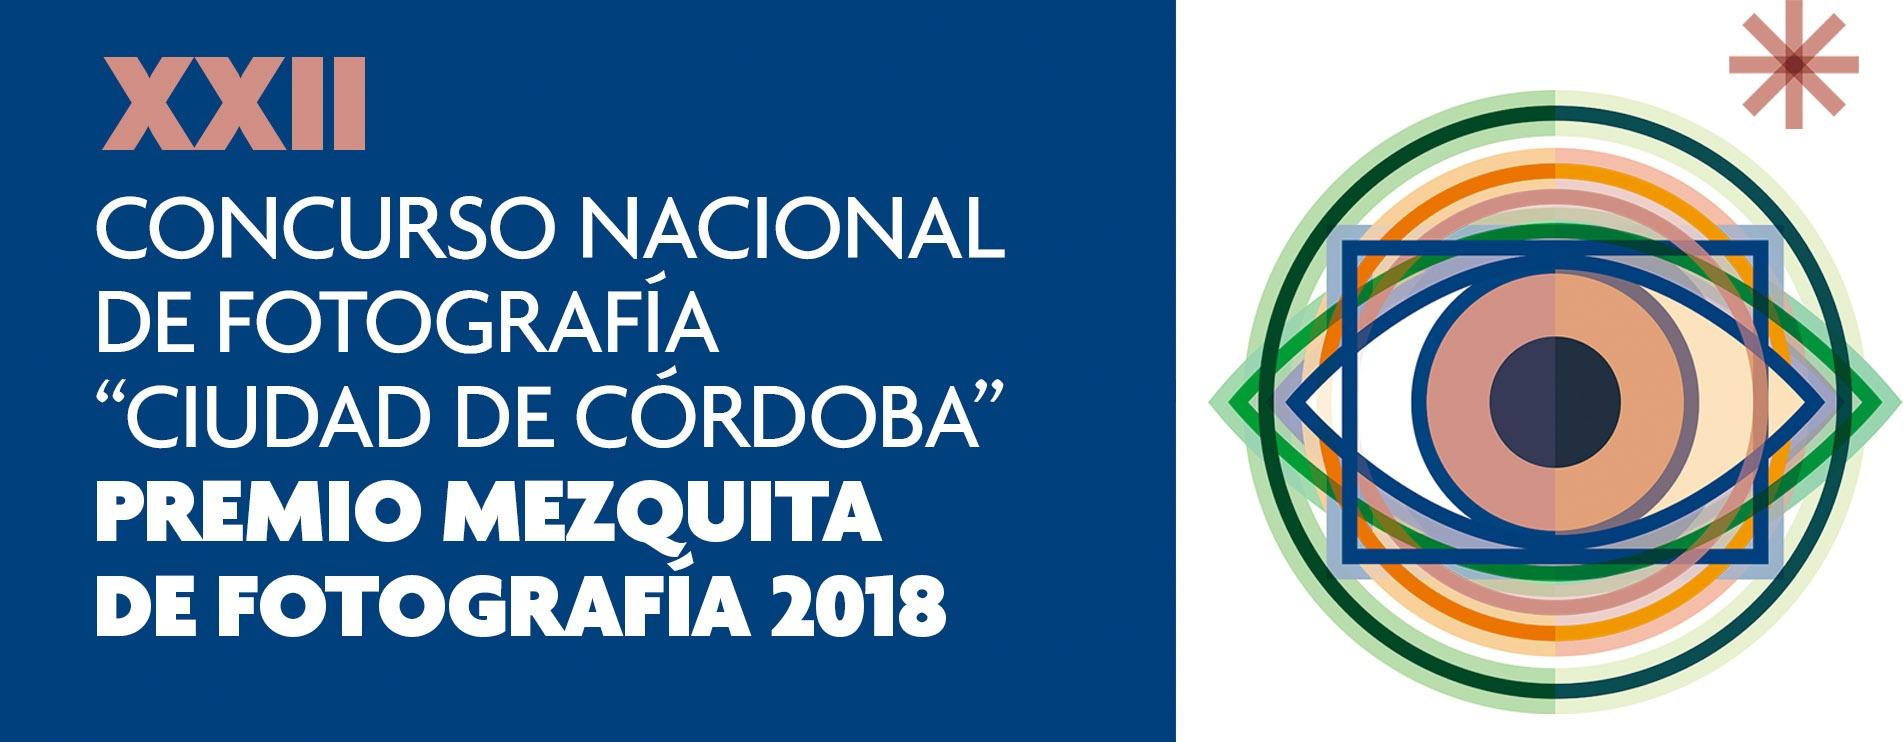 """XXII Concurso nacional de fotografía """"Ciudad de Córdoba"""" – Premio Mezquita 2018"""